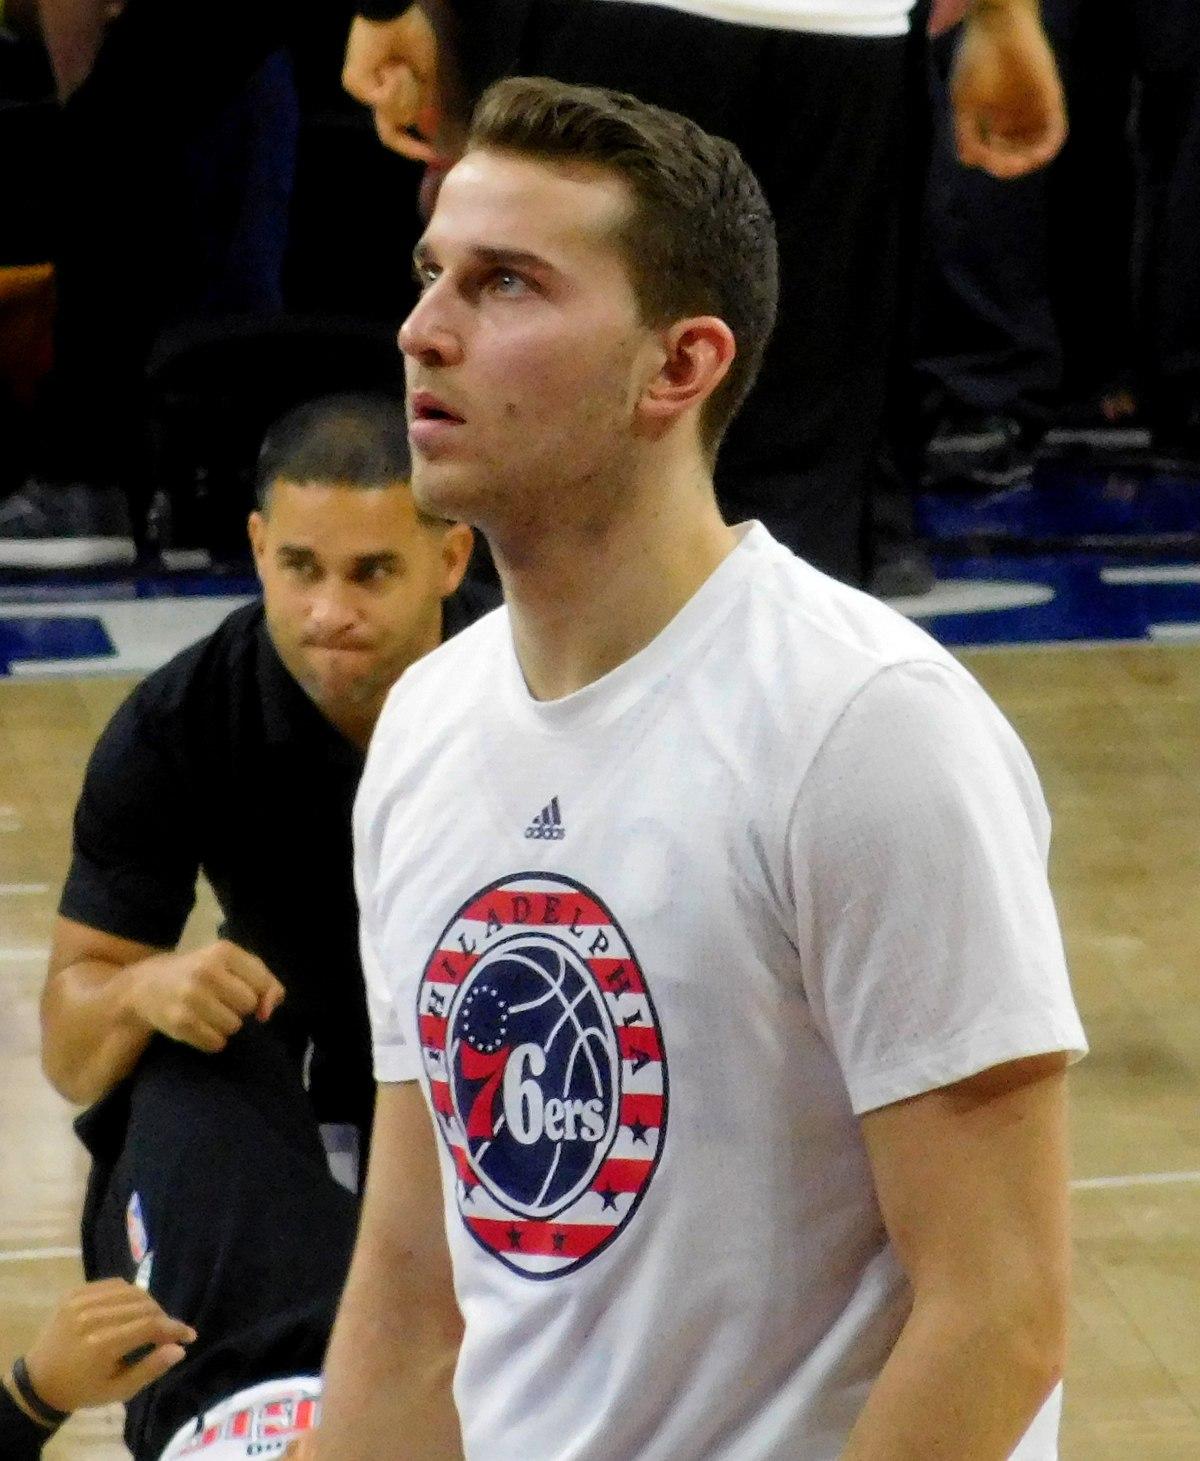 Blazers Basketball Reference: Nik Stauskas